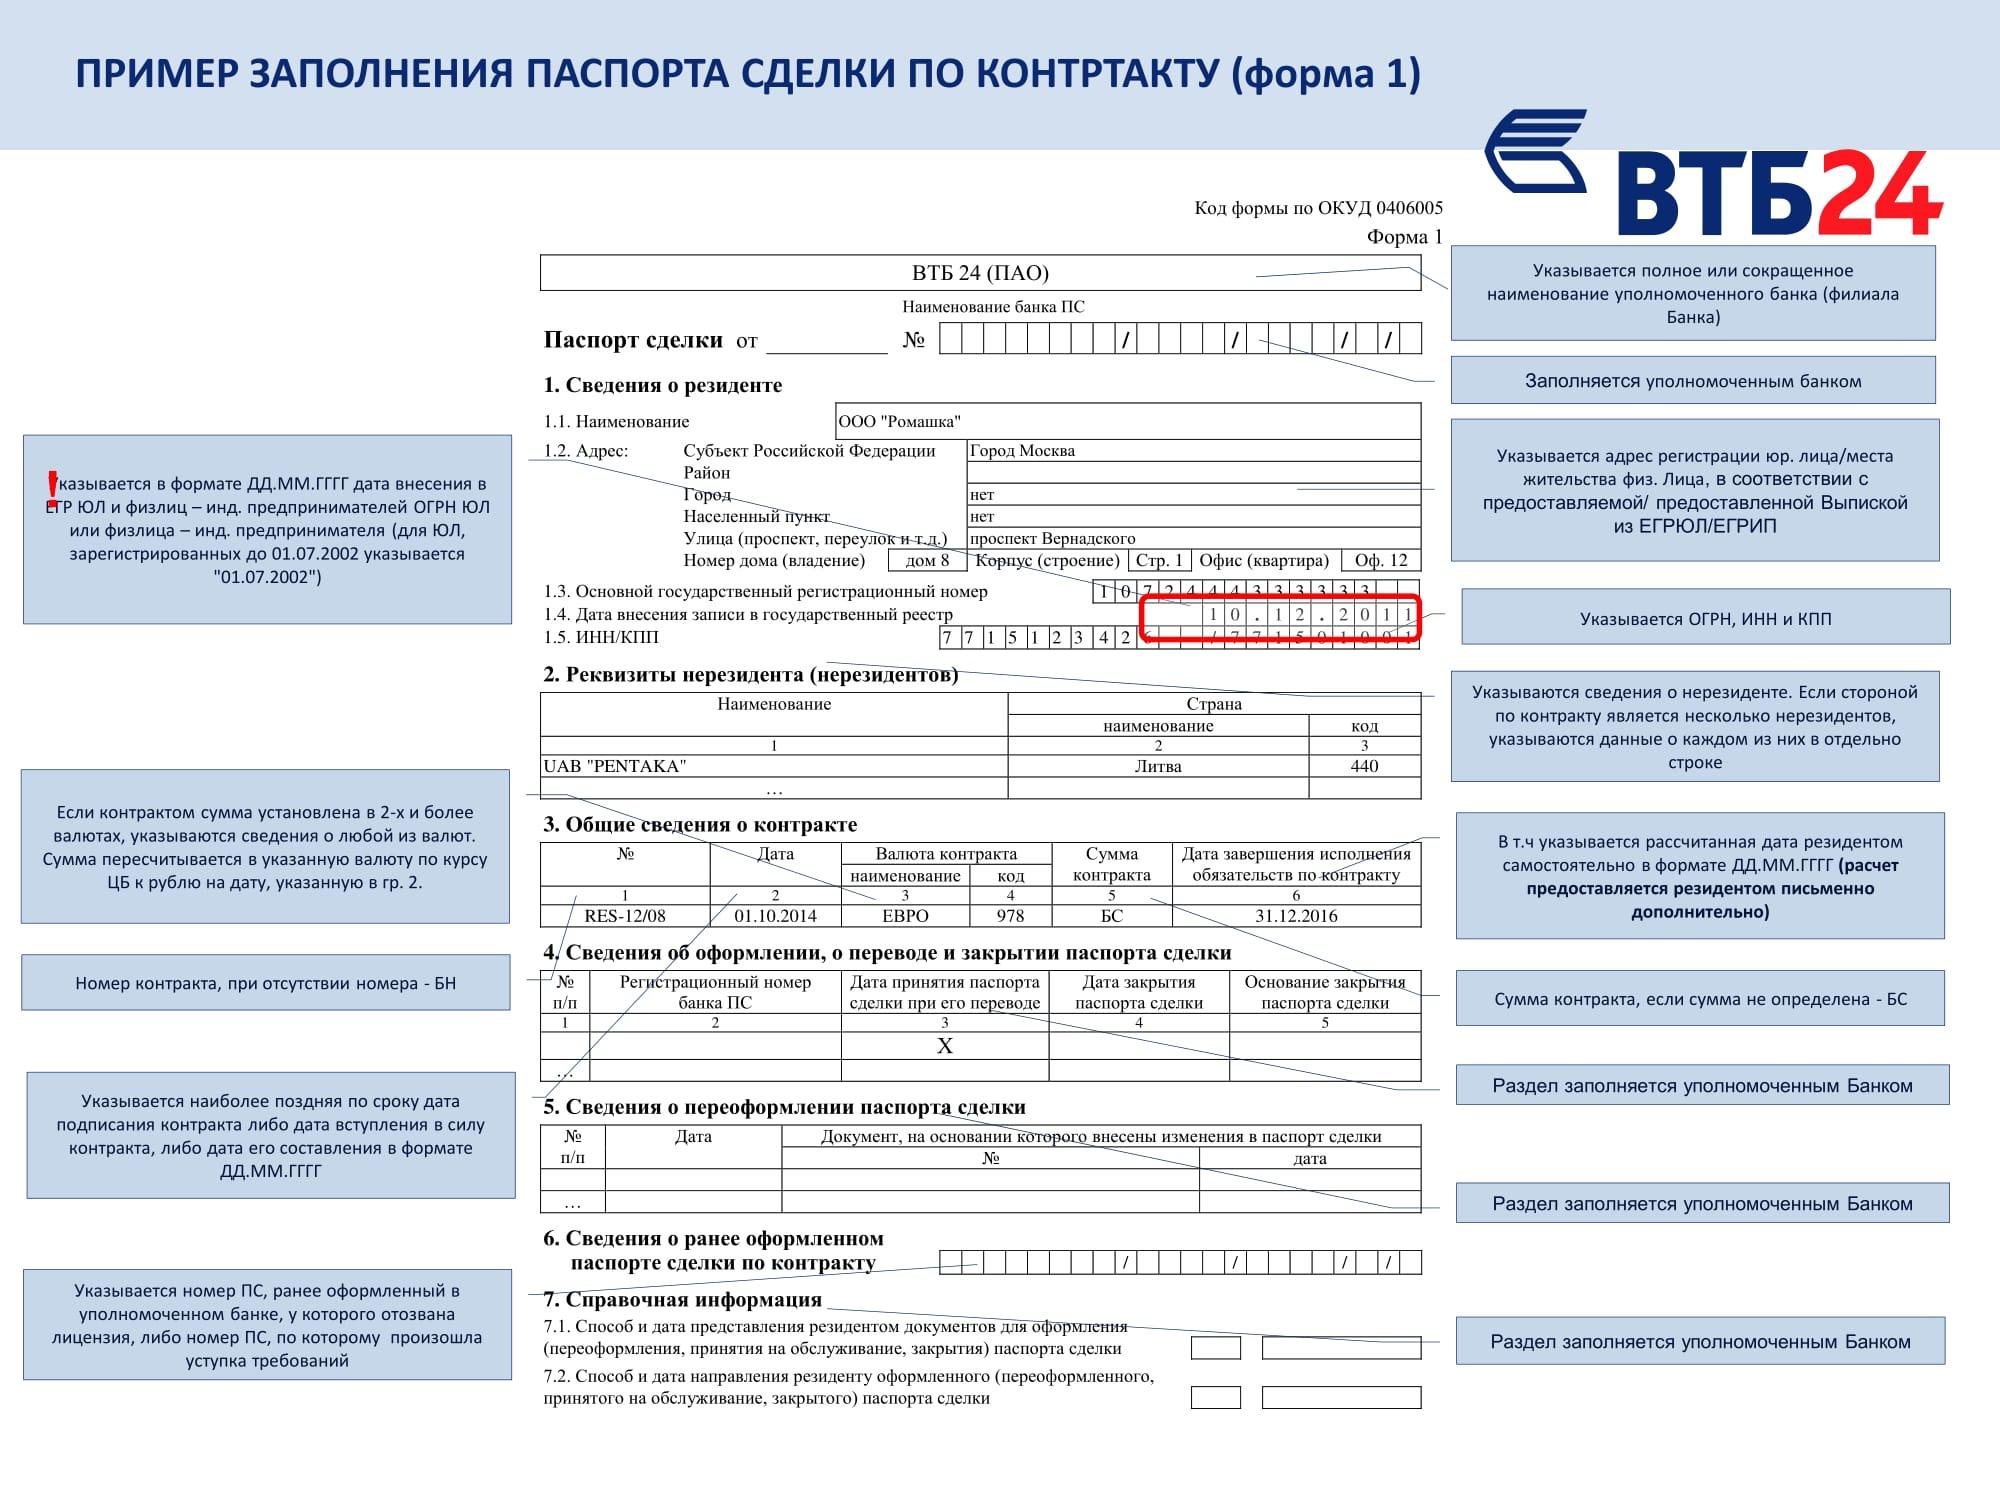 Форма заполнения паспорта сделки по контракту